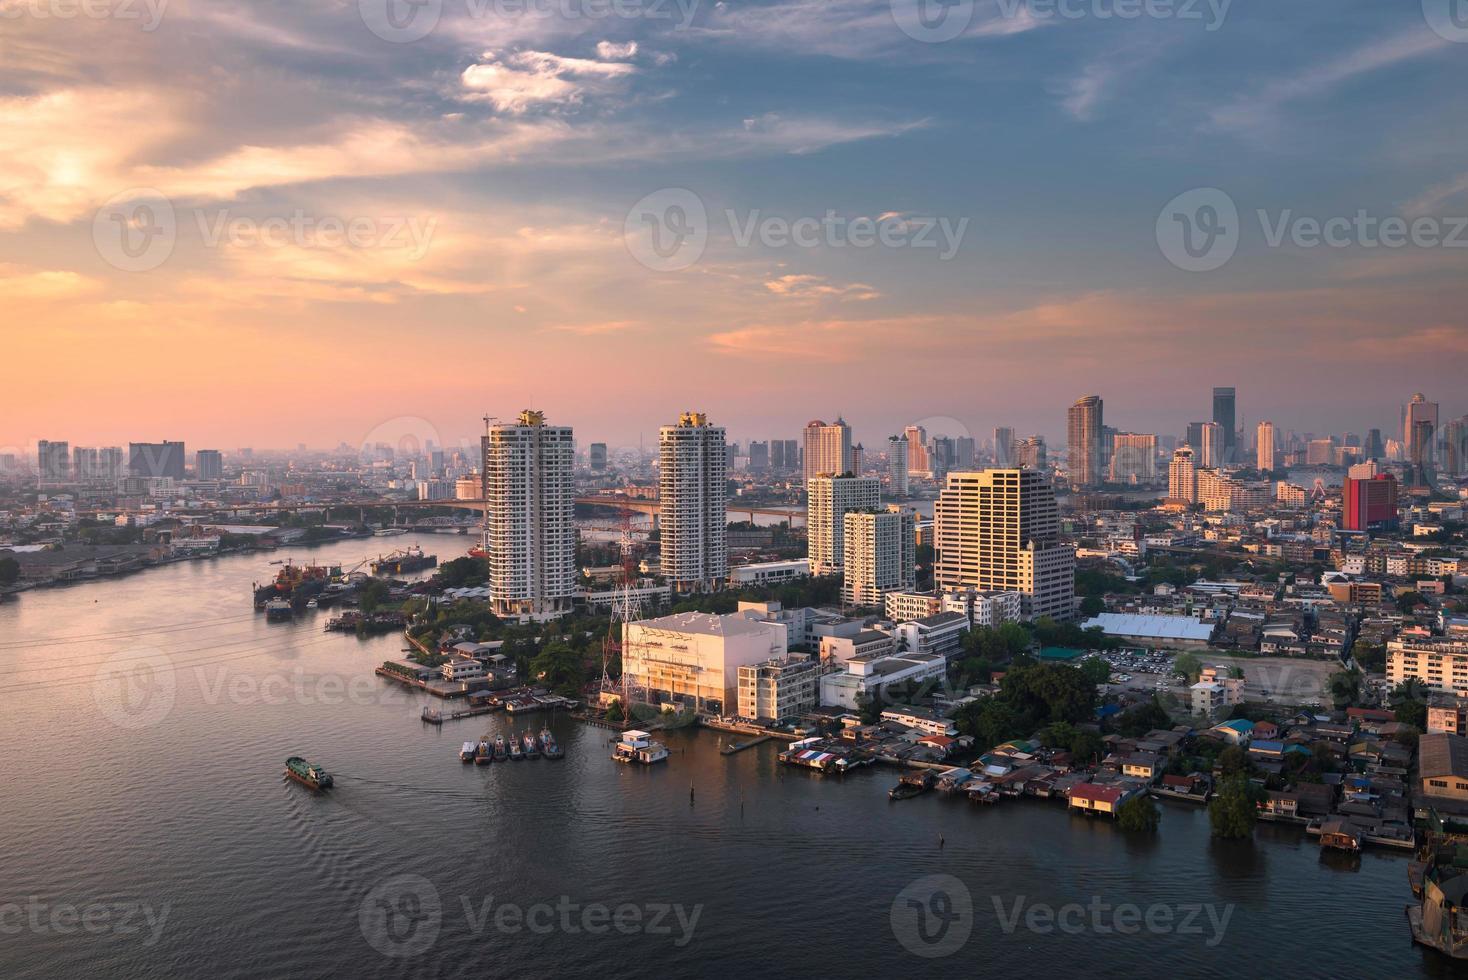 luce del giorno del fiume Chao Phraya foto